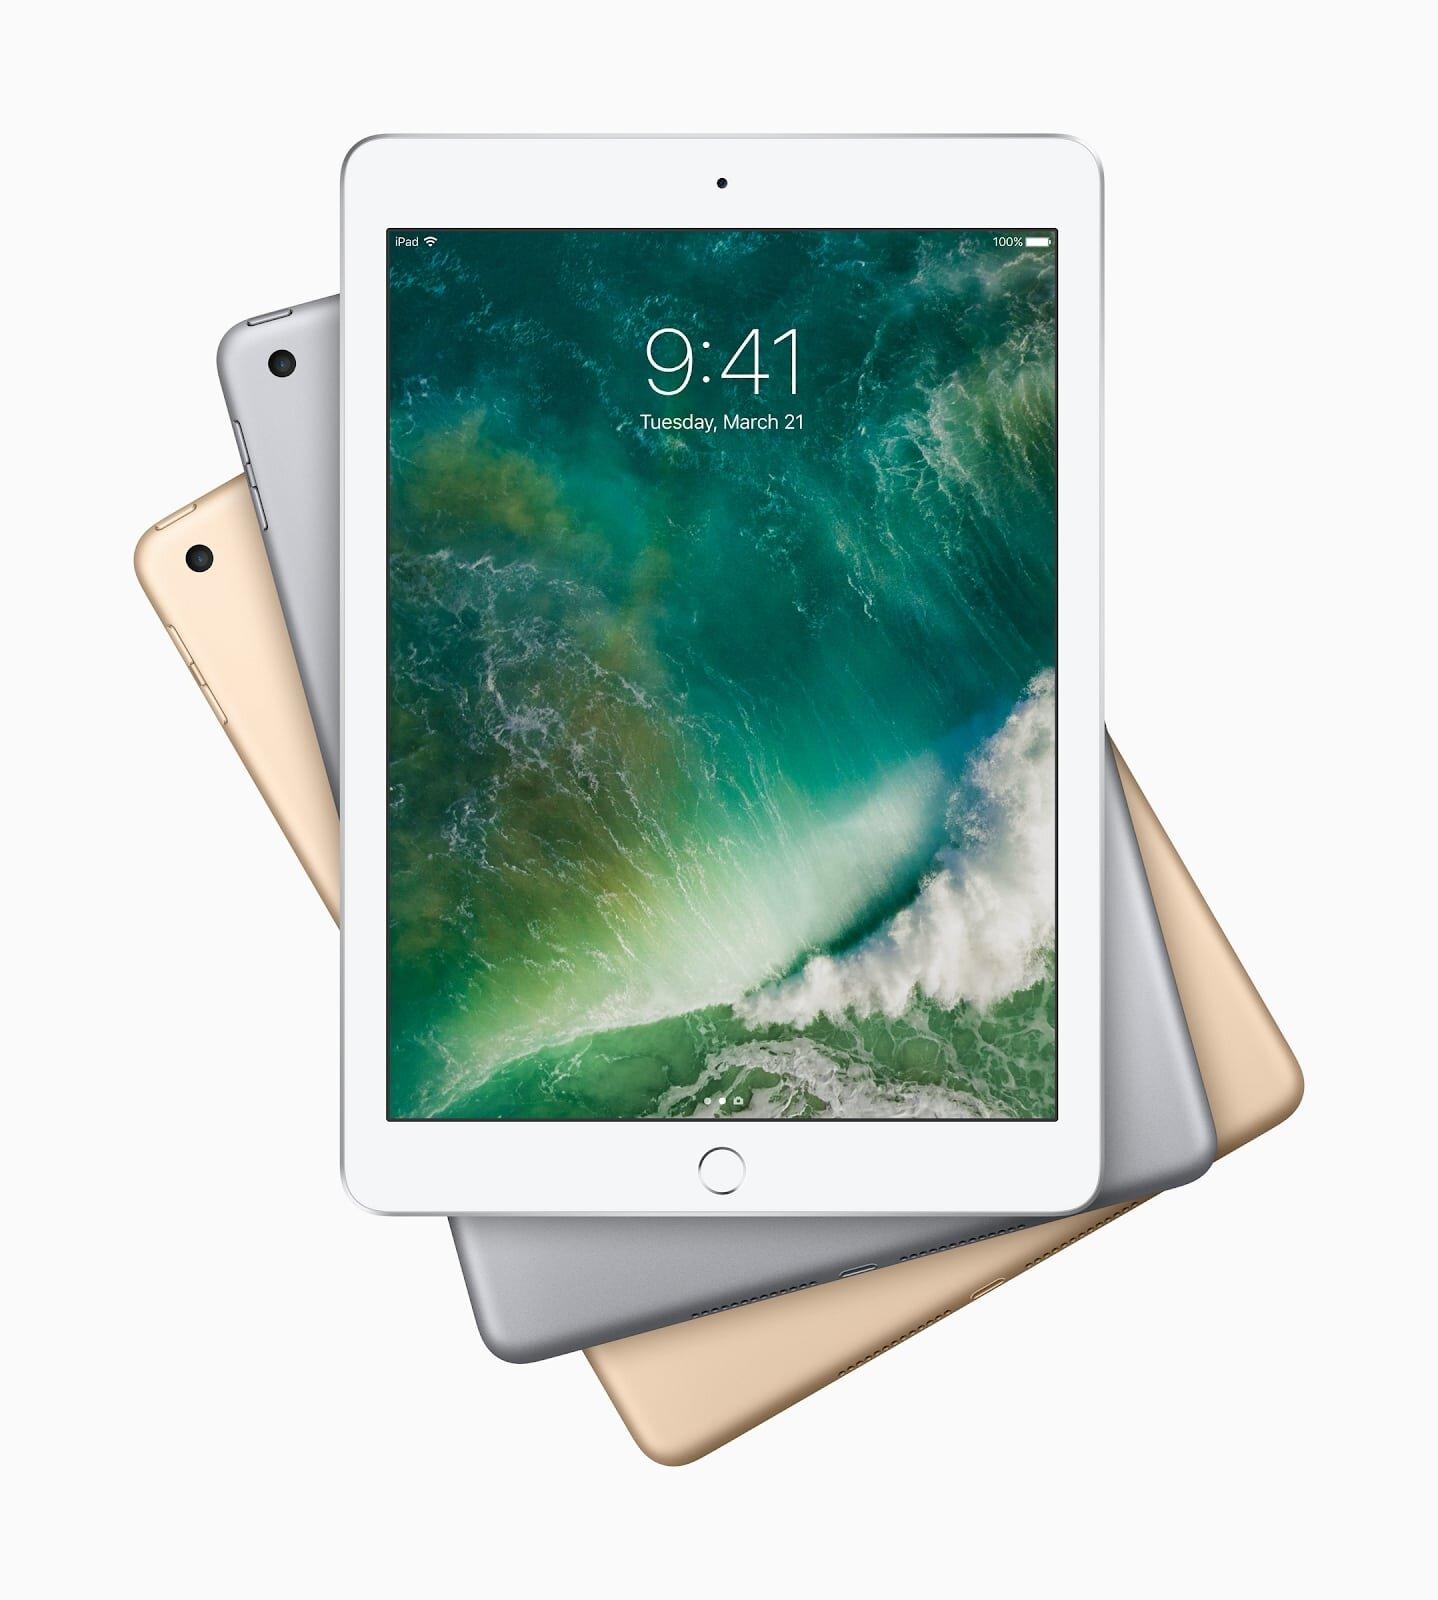 iPad 2017 sở hữu chip Apple A10X 6 nhân 64-bit có tốc độ xử lý vượt trội